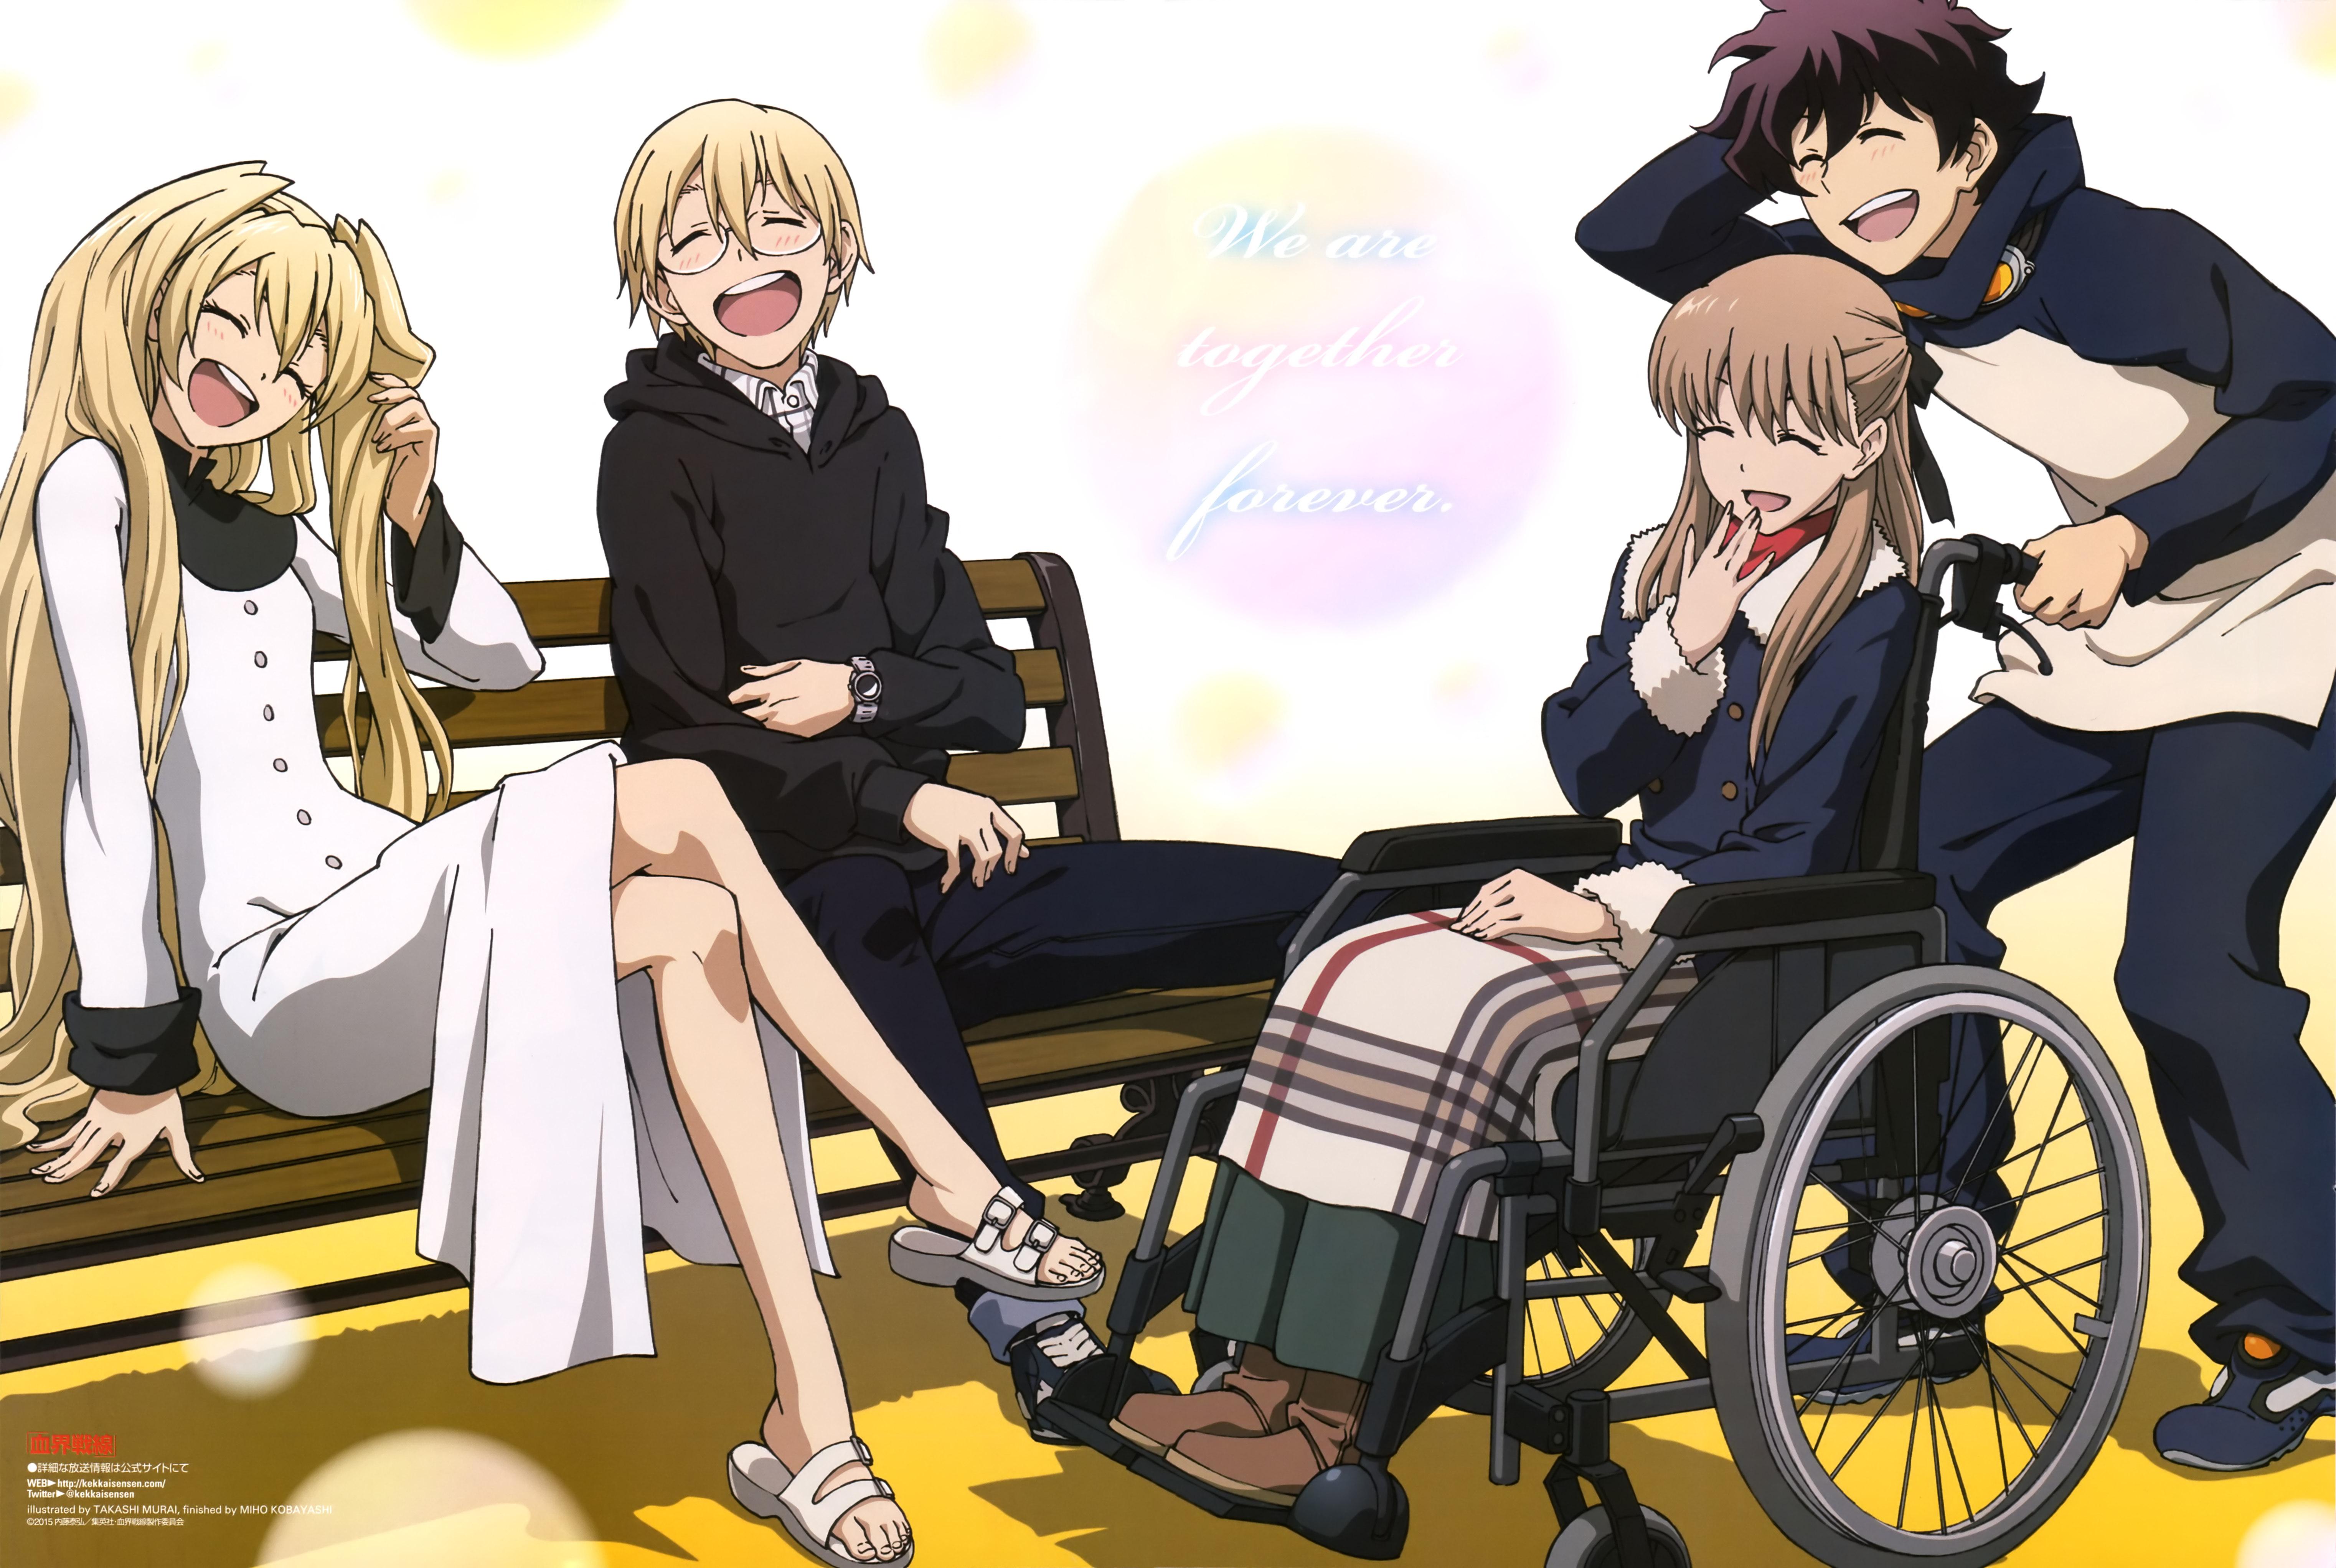 Kekkai Sensen anime poster newtype august